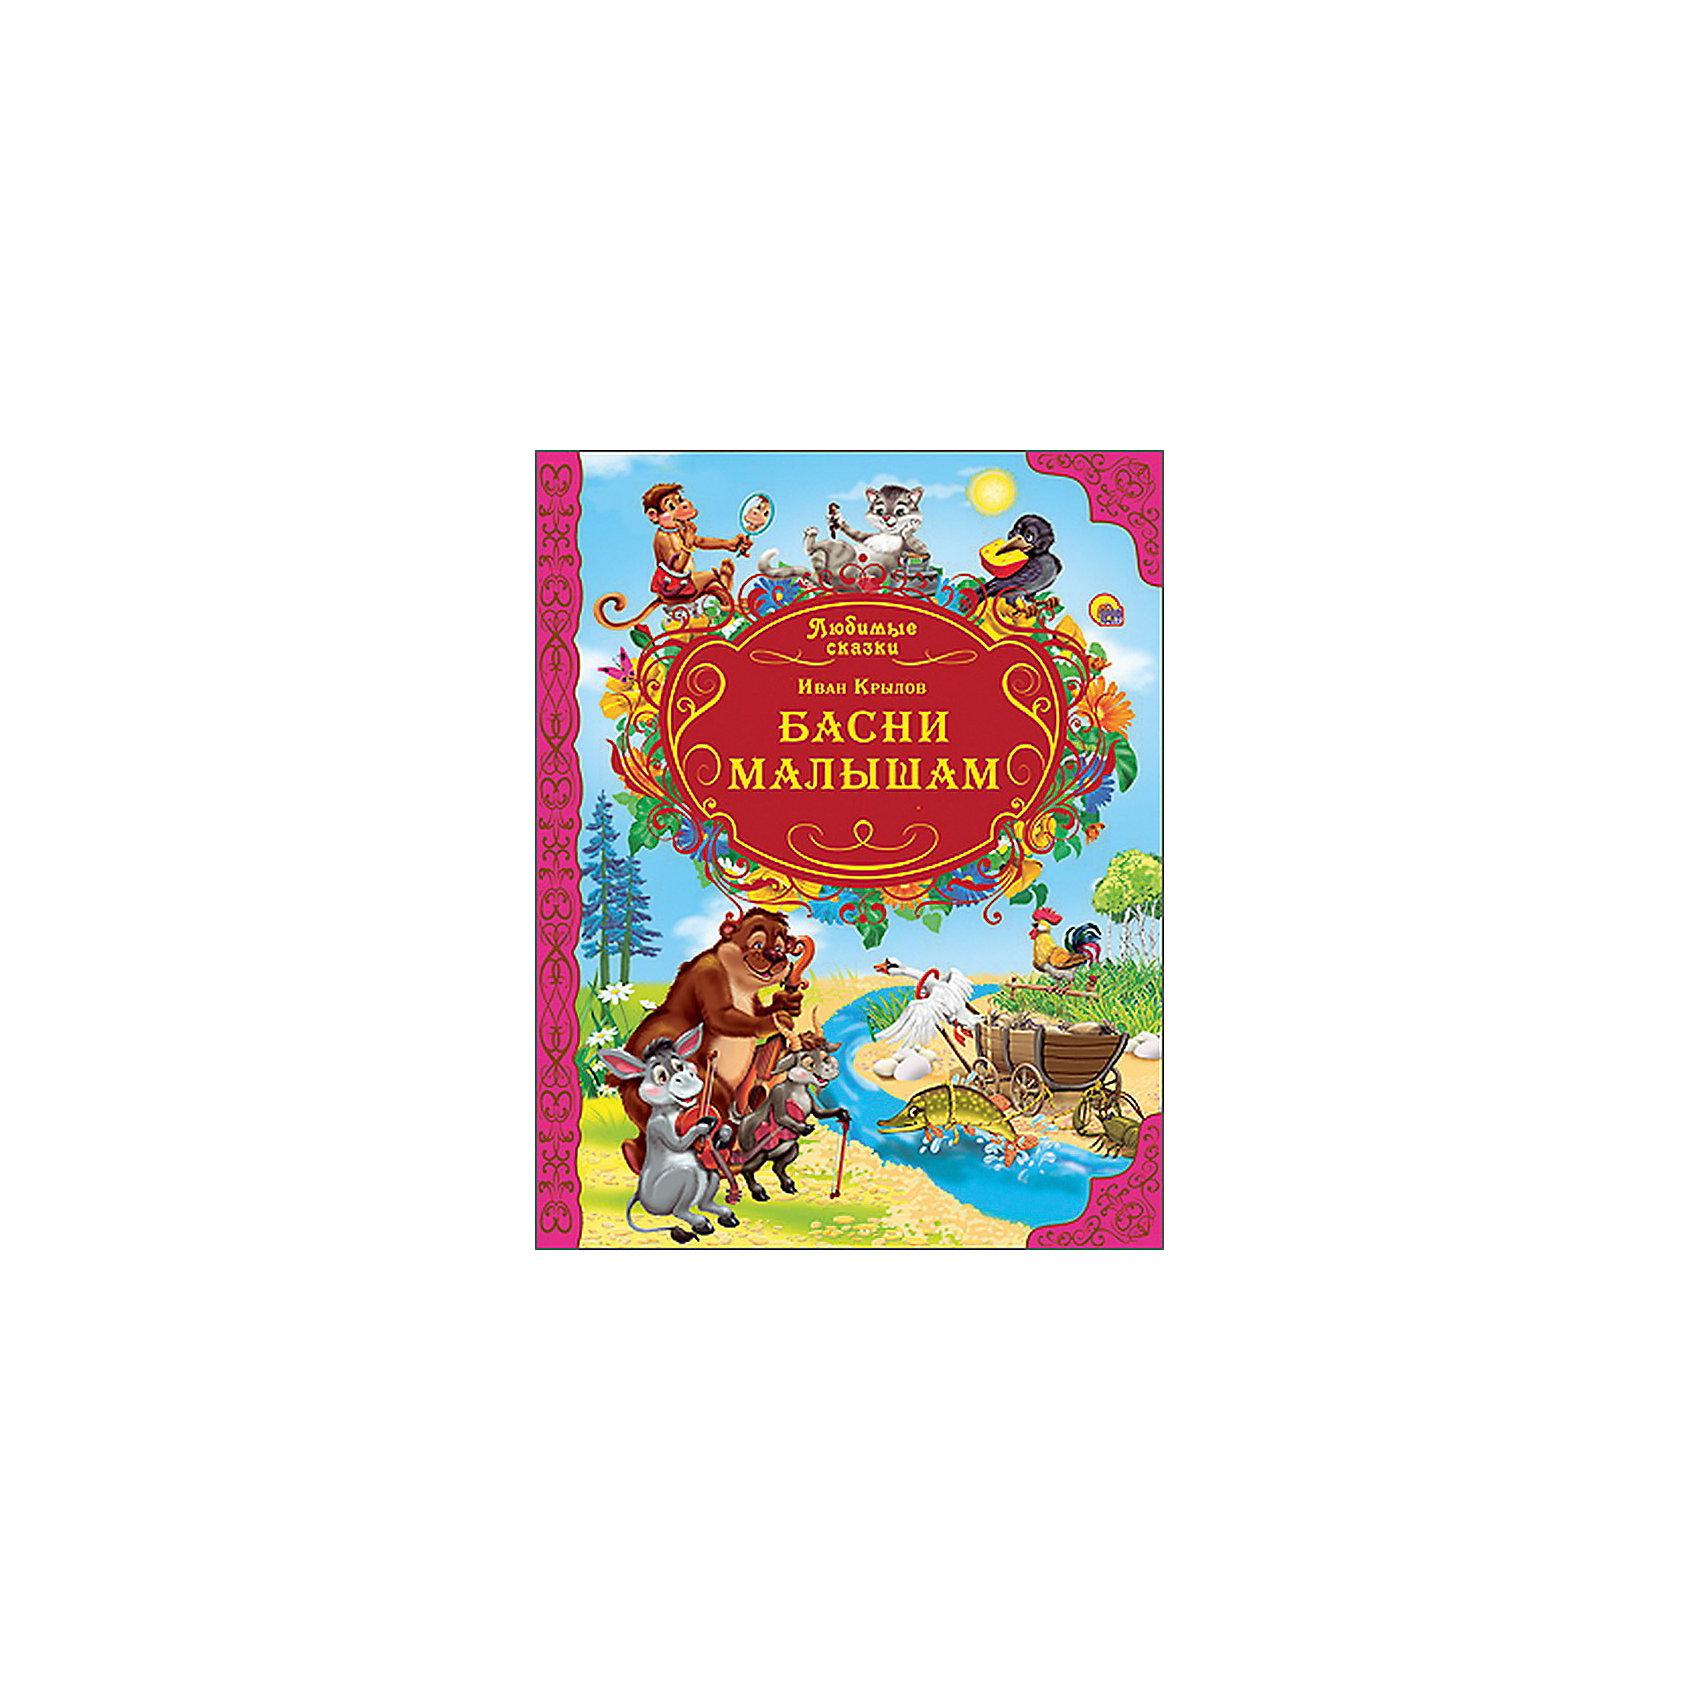 Басни малышам, И. КрыловСтихи<br>Книга Басни малышам, Проф-Пресс станет достойным пополнением Вашей детской библиотеки. Поучительные, полные юмора басни И. А. Крылова, давно стали классикой отечественной литературы, познакомьте с ними и Вашего ребенка. <br><br>В книге собраны самые известные и любимые басни И. А. Крылова: Ворона и лисица, Стрекоза и муравей, Мартышка и очки, Квартет, Слон и Моська, Лебедь щука и рак, Гуси, Кот и повар, Волк и лисица, Свинья под дубом, Тришкин кафтан, Кошка и соловей, Зеркало и обезьяна, Петух и жемчужное зерно, Слон на воеводстве, Крестьянин и овца, Лисица и виноград, Трудолюбивый медведь, Волк и ягненок, Демьянова уха и многие другие. <br>Все басни проиллюстрированы яркими красочными картинками, которые ребенок будет с интересом рассматривать. Издание предназначено для чтения родителями детям.<br><br>Дополнительная информация:<br><br>- Автор: И. А. Крылов.<br>- Серия: Любимые сказки.<br>- Обложка: твердая.<br>- Иллюстрации: цветные.<br>- Объем: 128 стр.<br>- Размер: 25,5 x 20,4 x 1,3 см.<br>- Вес: 0,384 кг.<br><br>Книгу Басни малышам, серия Любимые сказки, Проф-Пресс можно купить в нашем интернет-магазине.<br><br>Ширина мм: 200<br>Глубина мм: 15<br>Высота мм: 255<br>Вес г: 425<br>Возраст от месяцев: 48<br>Возраст до месяцев: 96<br>Пол: Унисекс<br>Возраст: Детский<br>SKU: 3718569